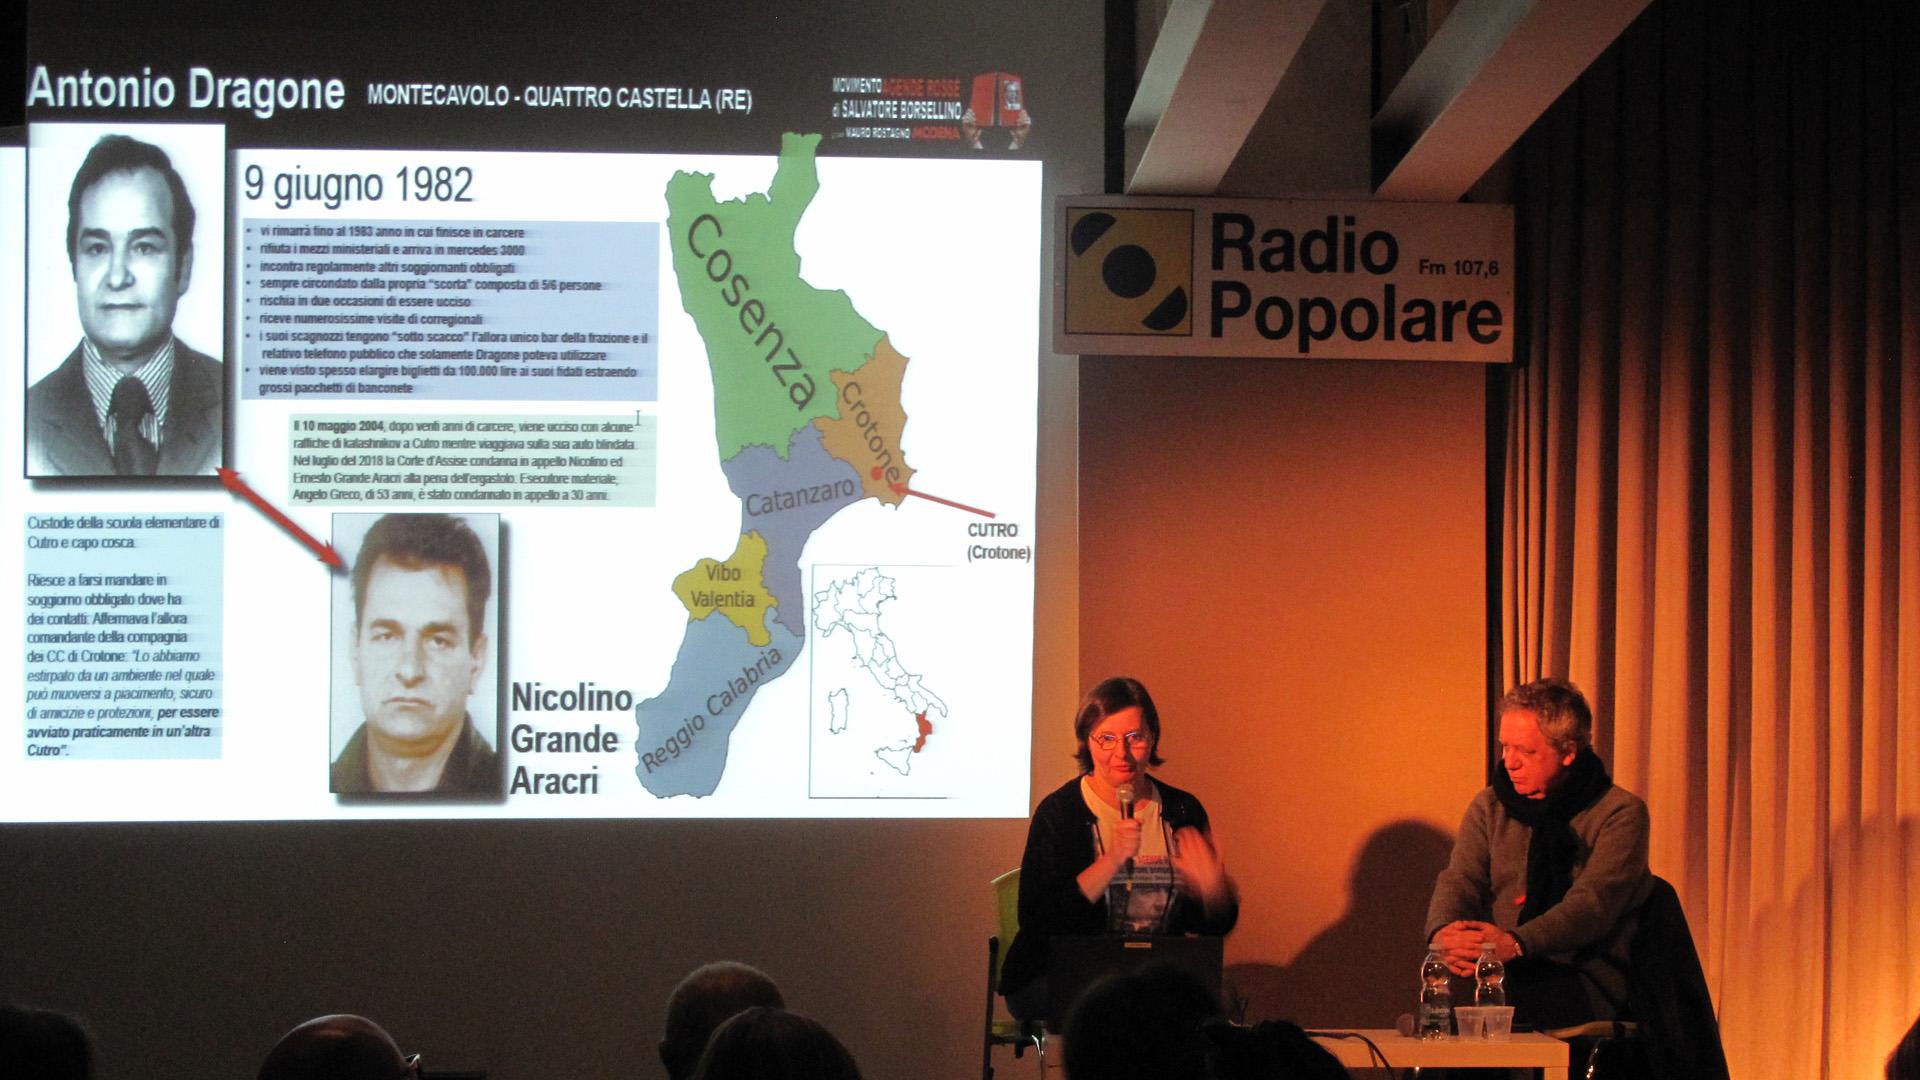 Le lezioni di antimafia di Radio Popolare ripartono l'8 gennaio 2020